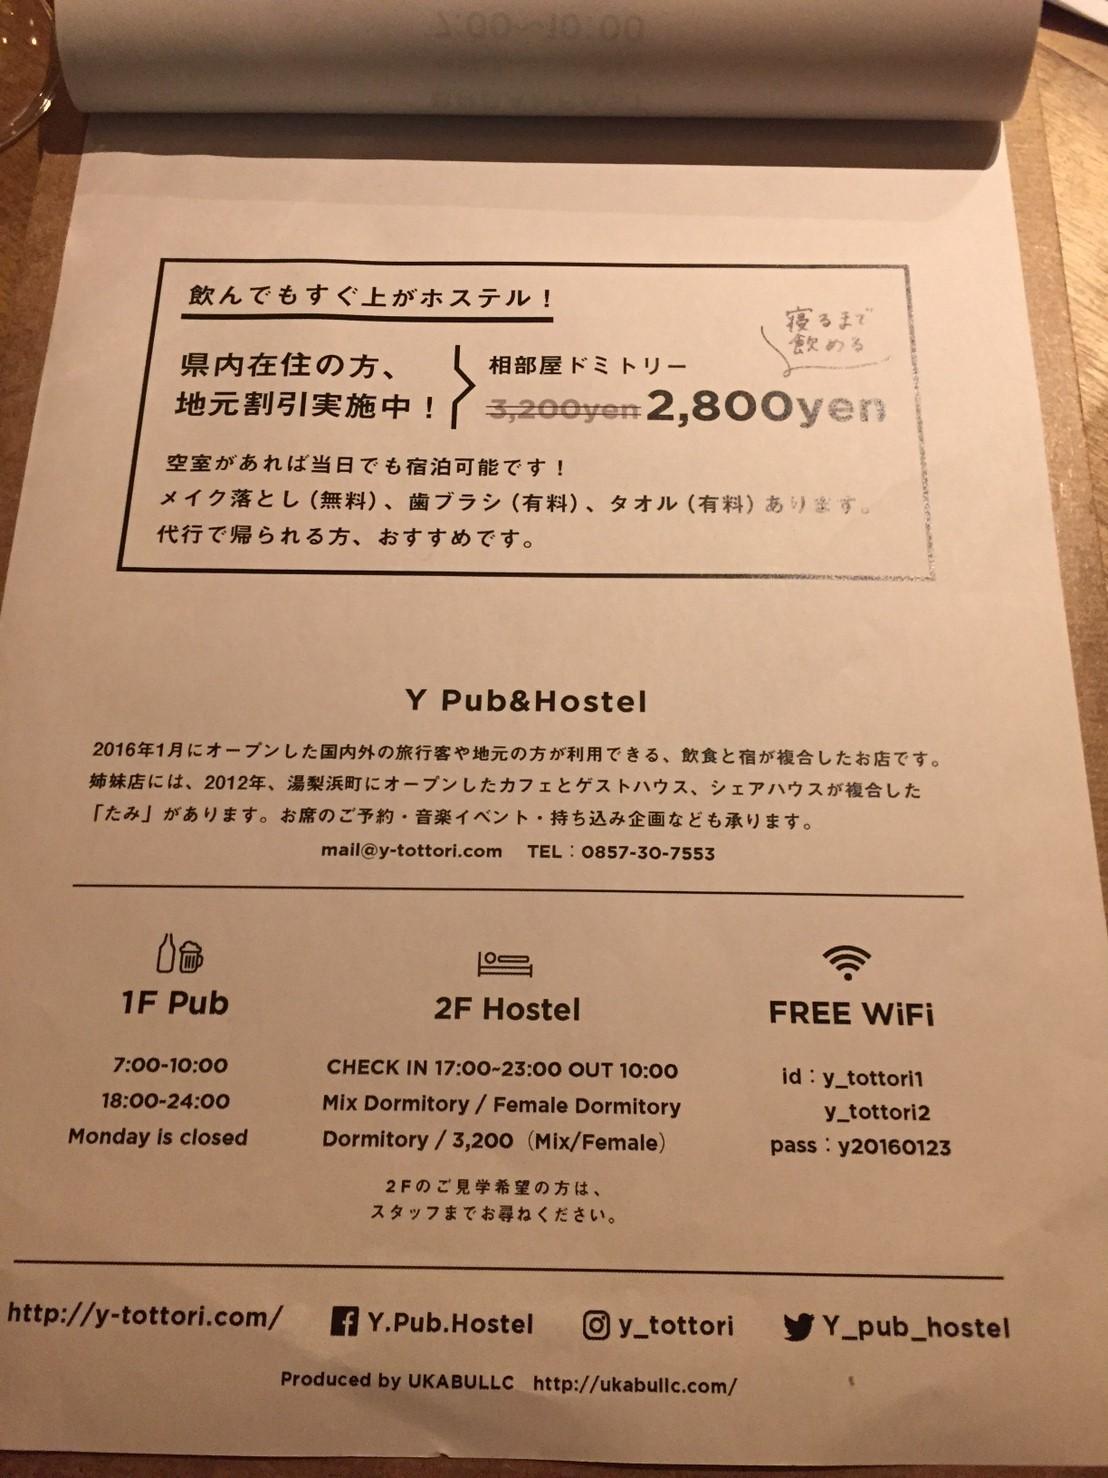 Y PUB & Hostel ディナー_e0115904_08343118.jpg